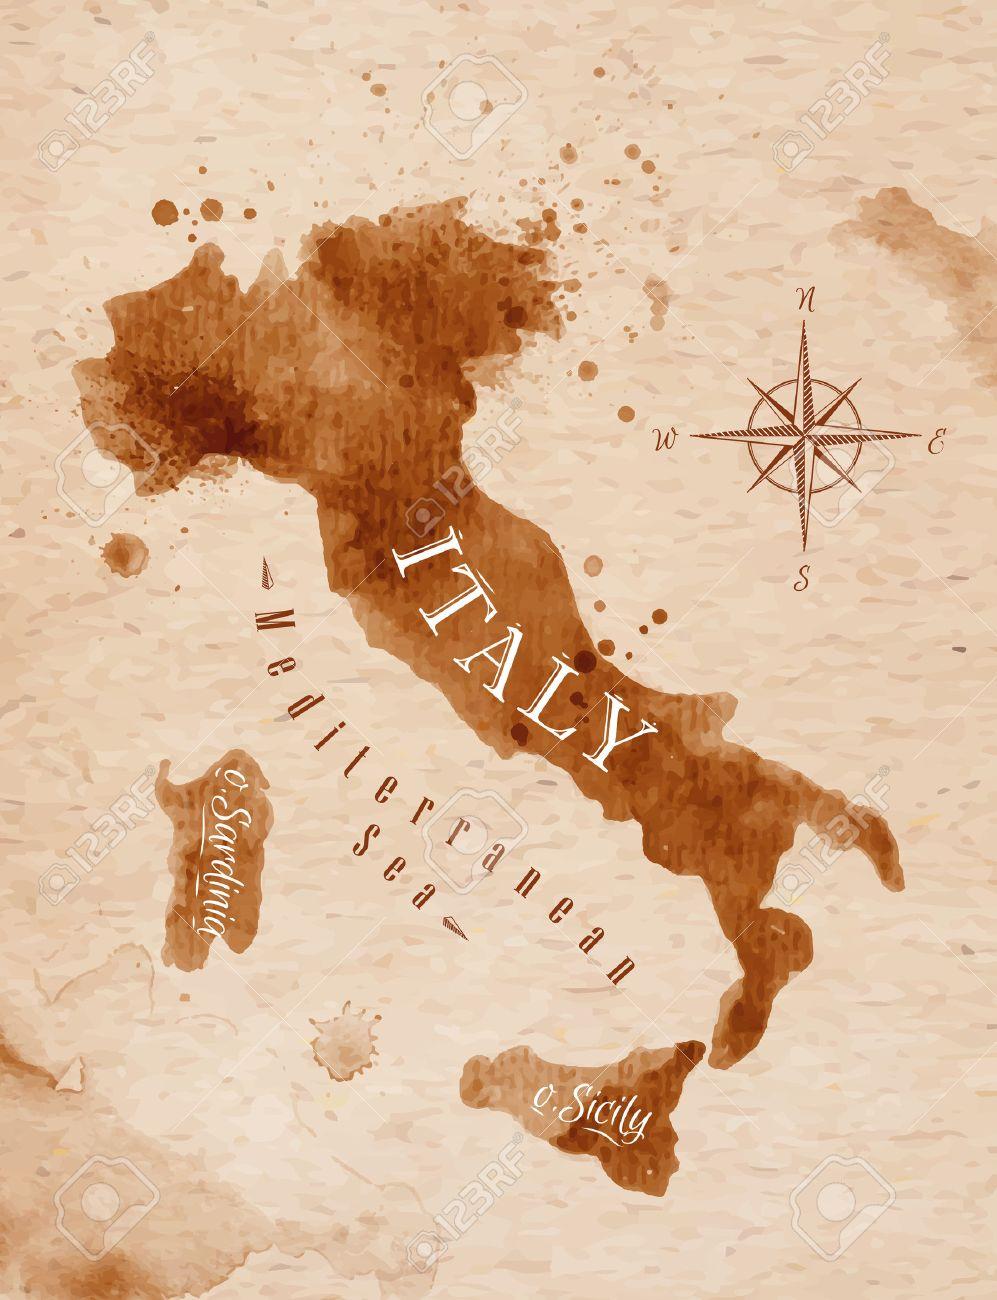 Map Italy retro - 32357387